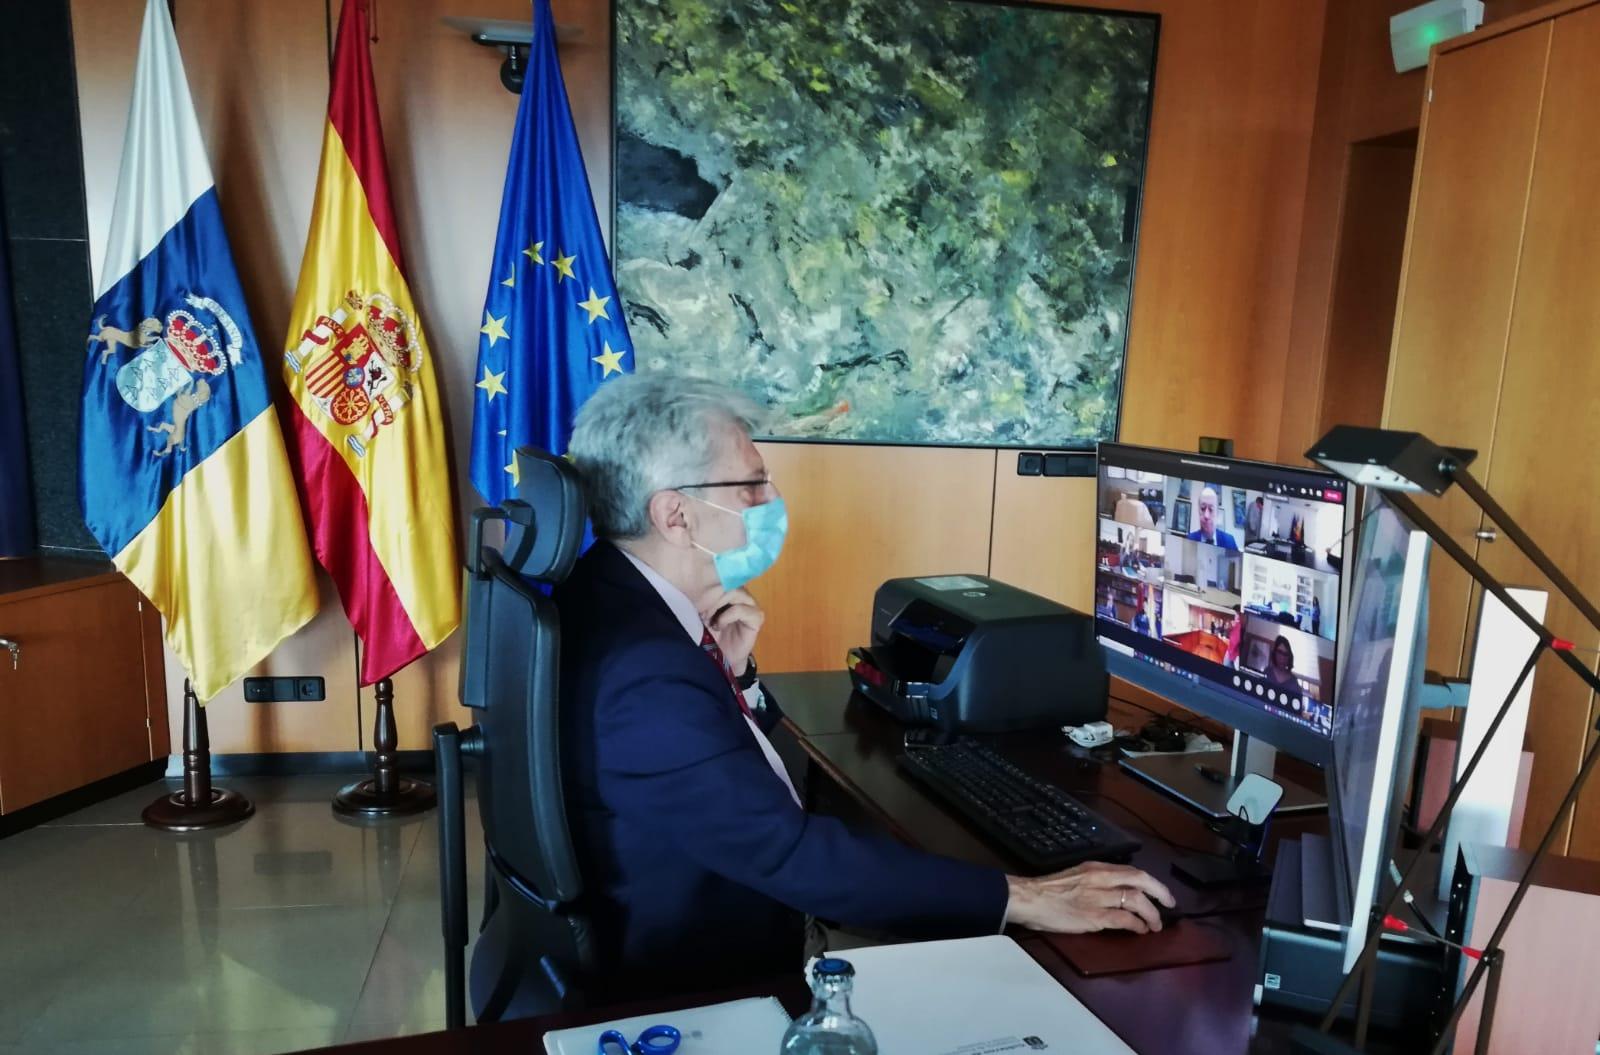 Julio Pérez destaca la unanimidad y concordia habidas en la Conferencia Sectorial de Memoria Histórica